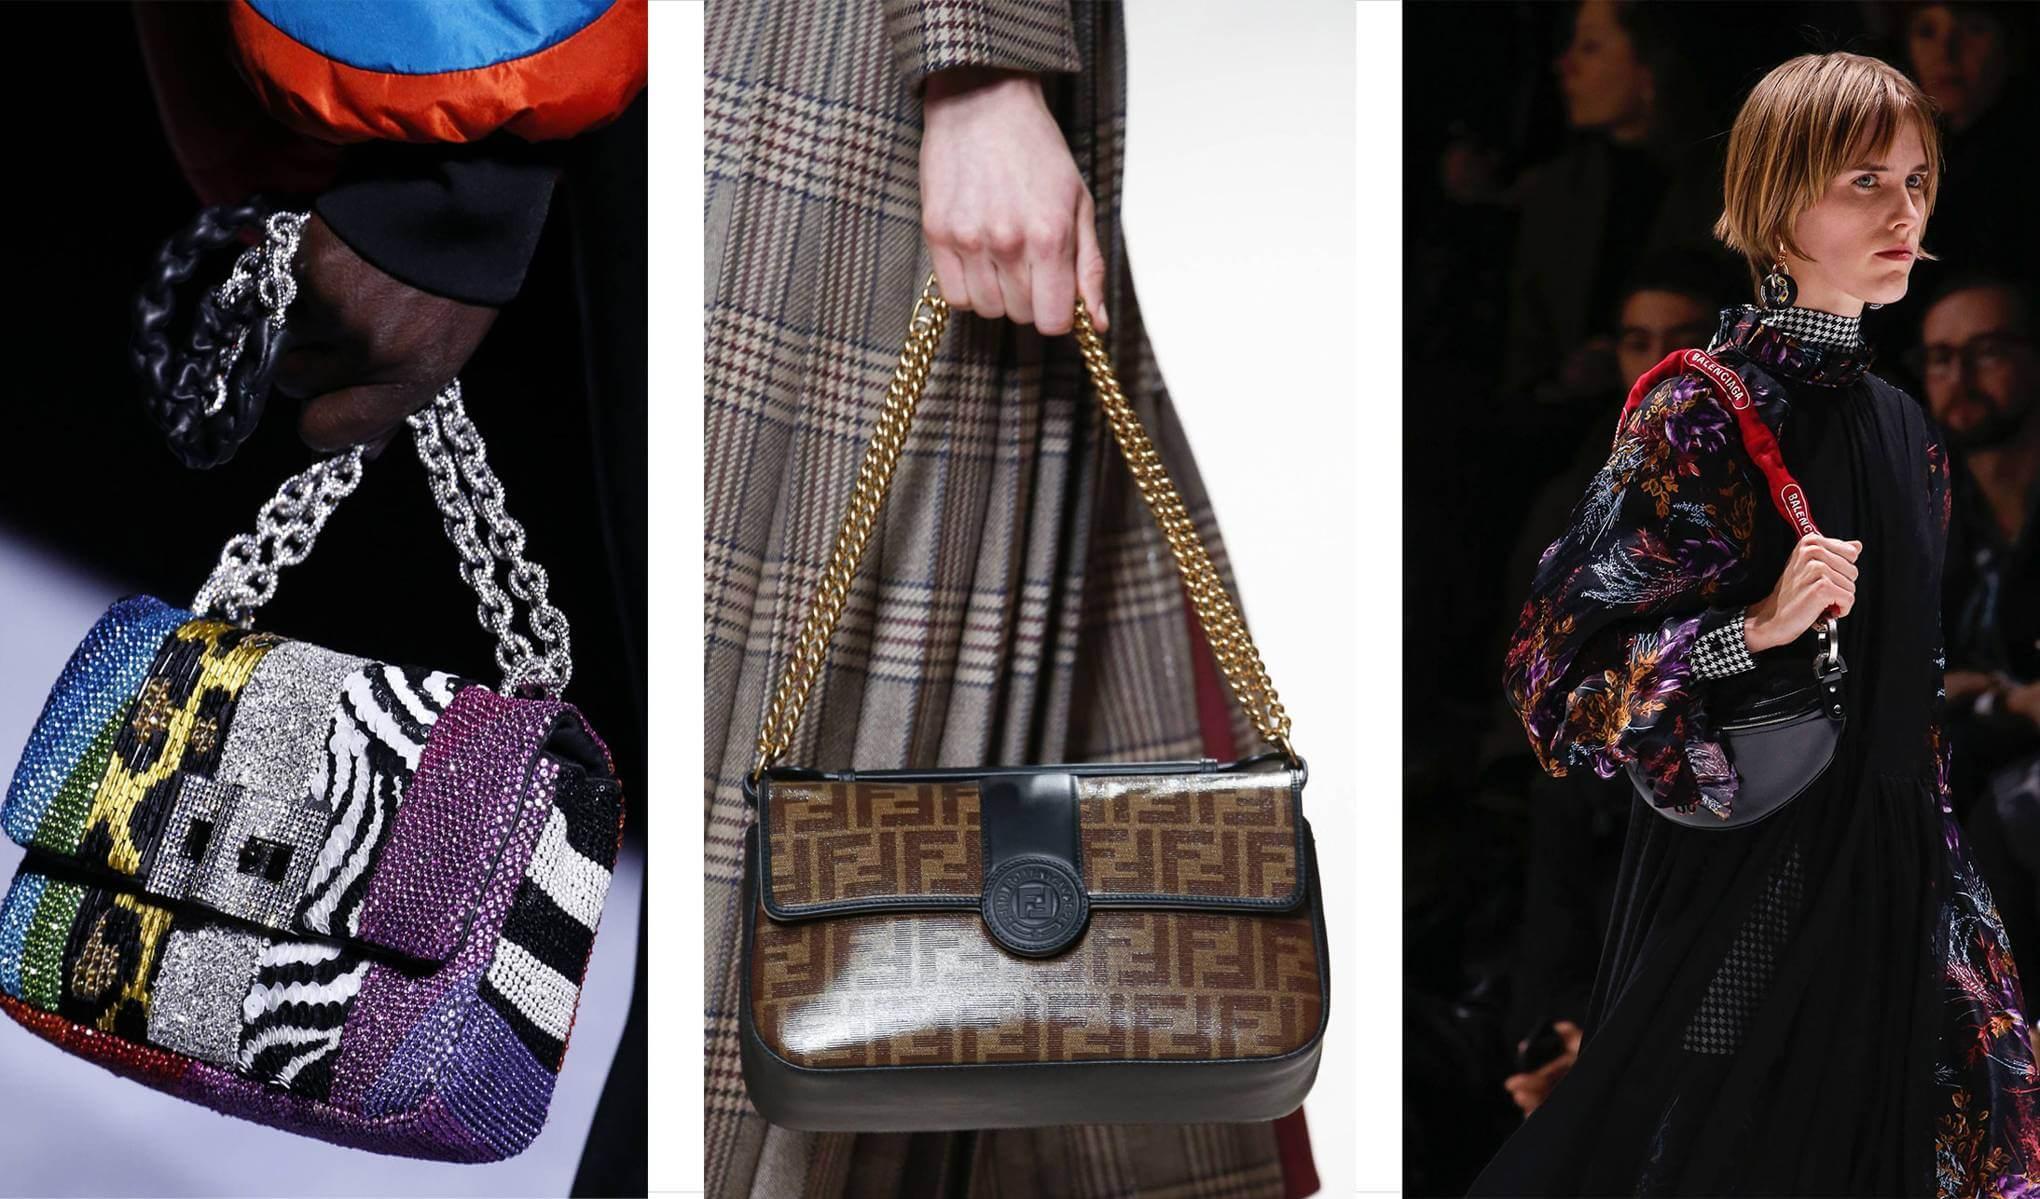 40+ Chain Bag Fashion Outfits Ideas